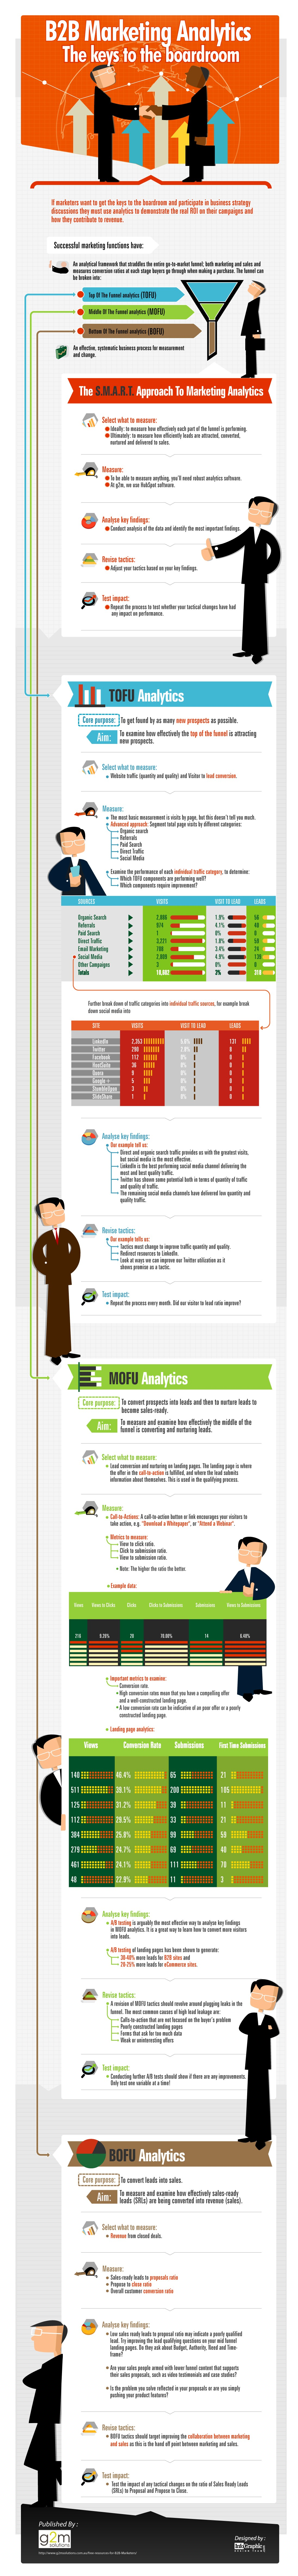 marketing analytics infographic